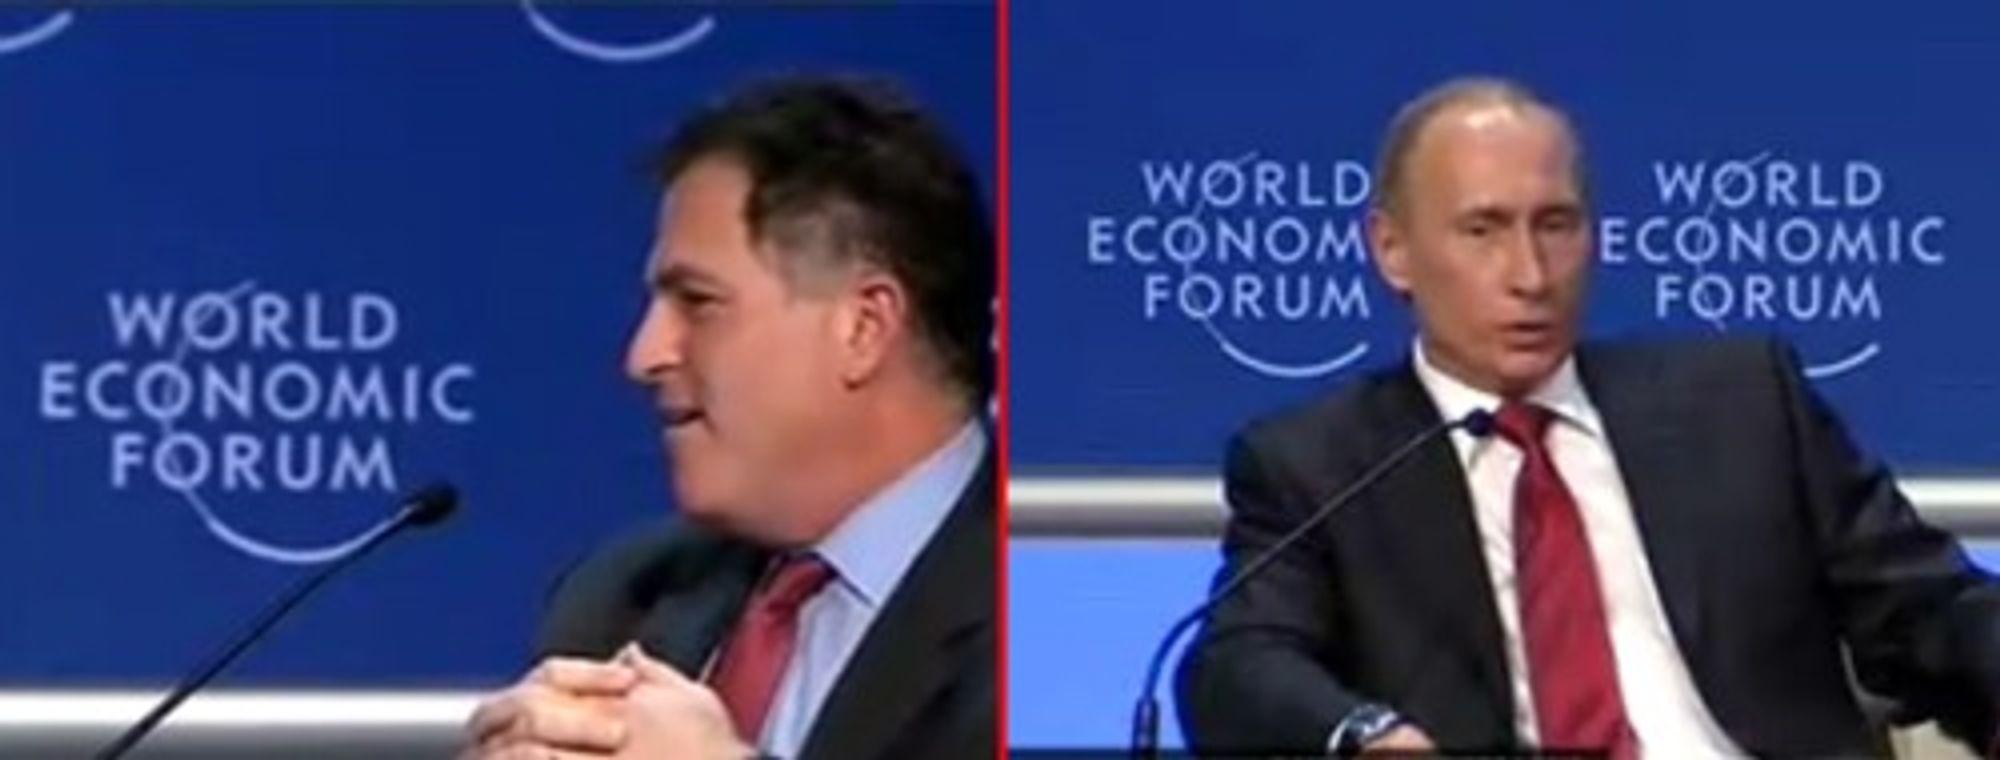 Dell innledet sitt spørsmål med en provokasjon, og Putin lot seg såre.